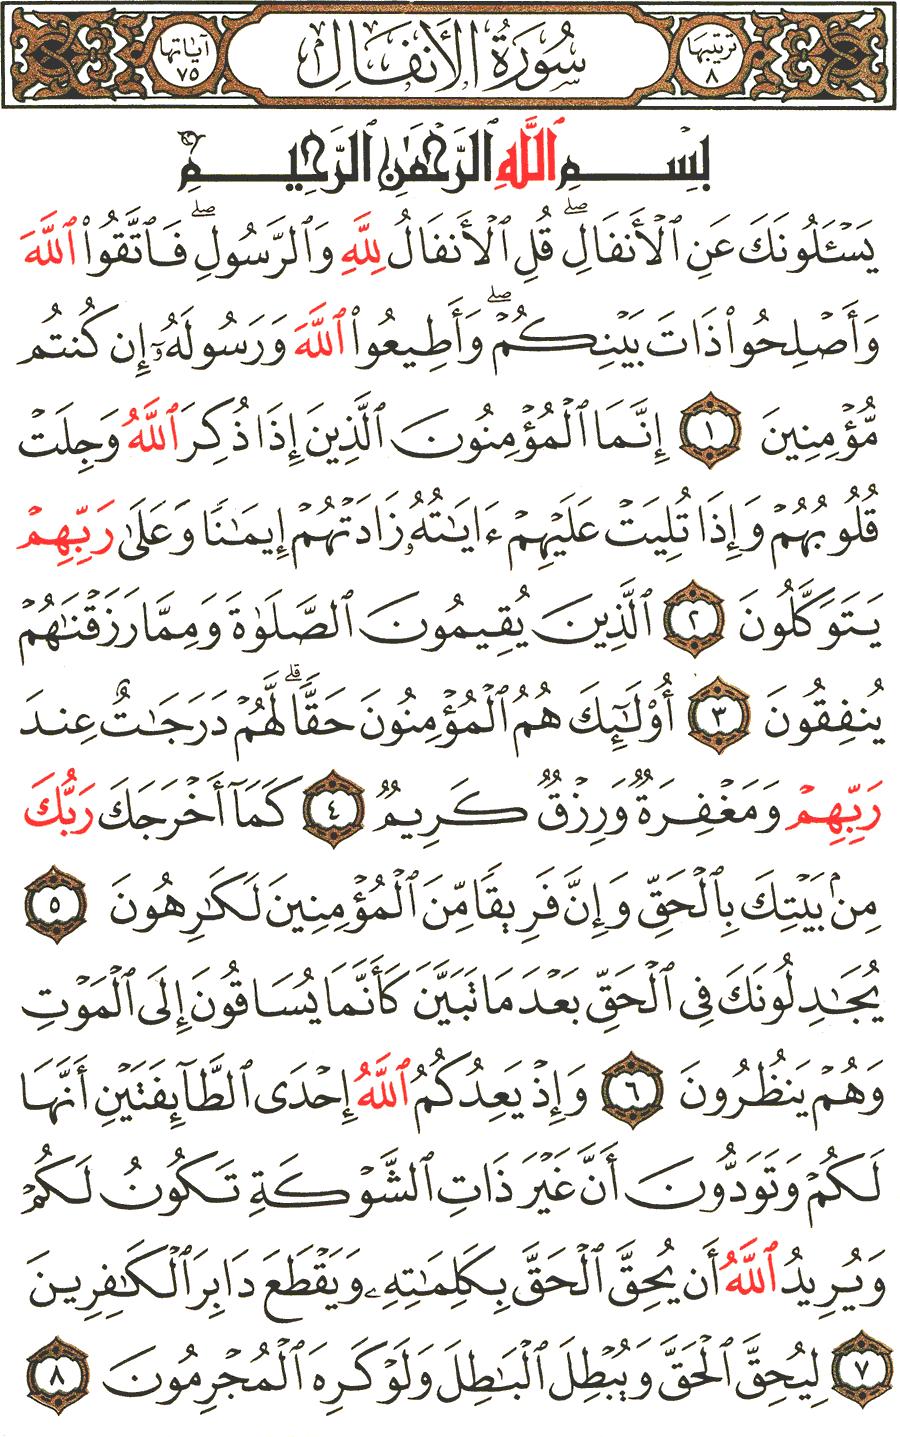 الصفحة رقم 177 من القرآن الكريم مكتوبة من المصحف